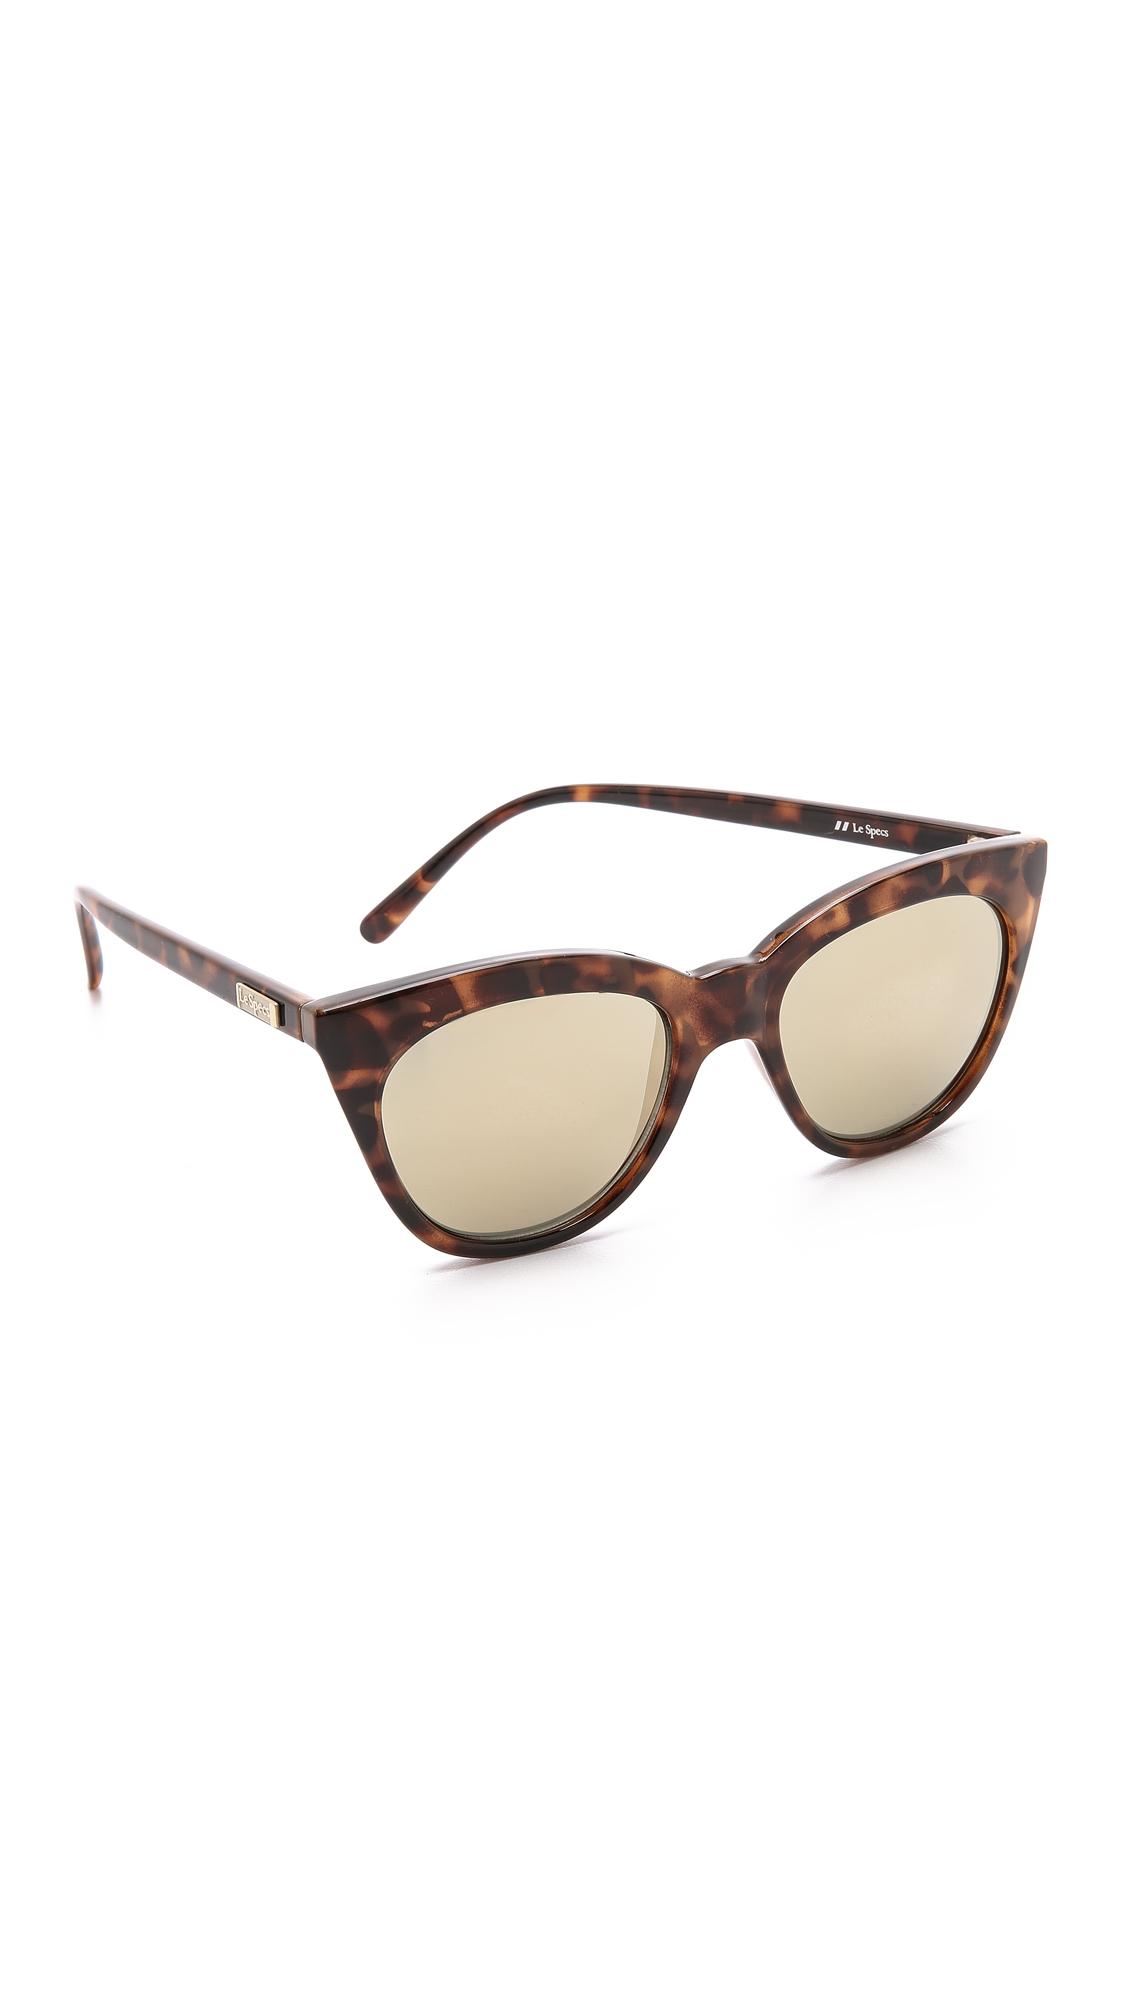 2cad680998 Le Specs Half Moon Magic Sunglasses